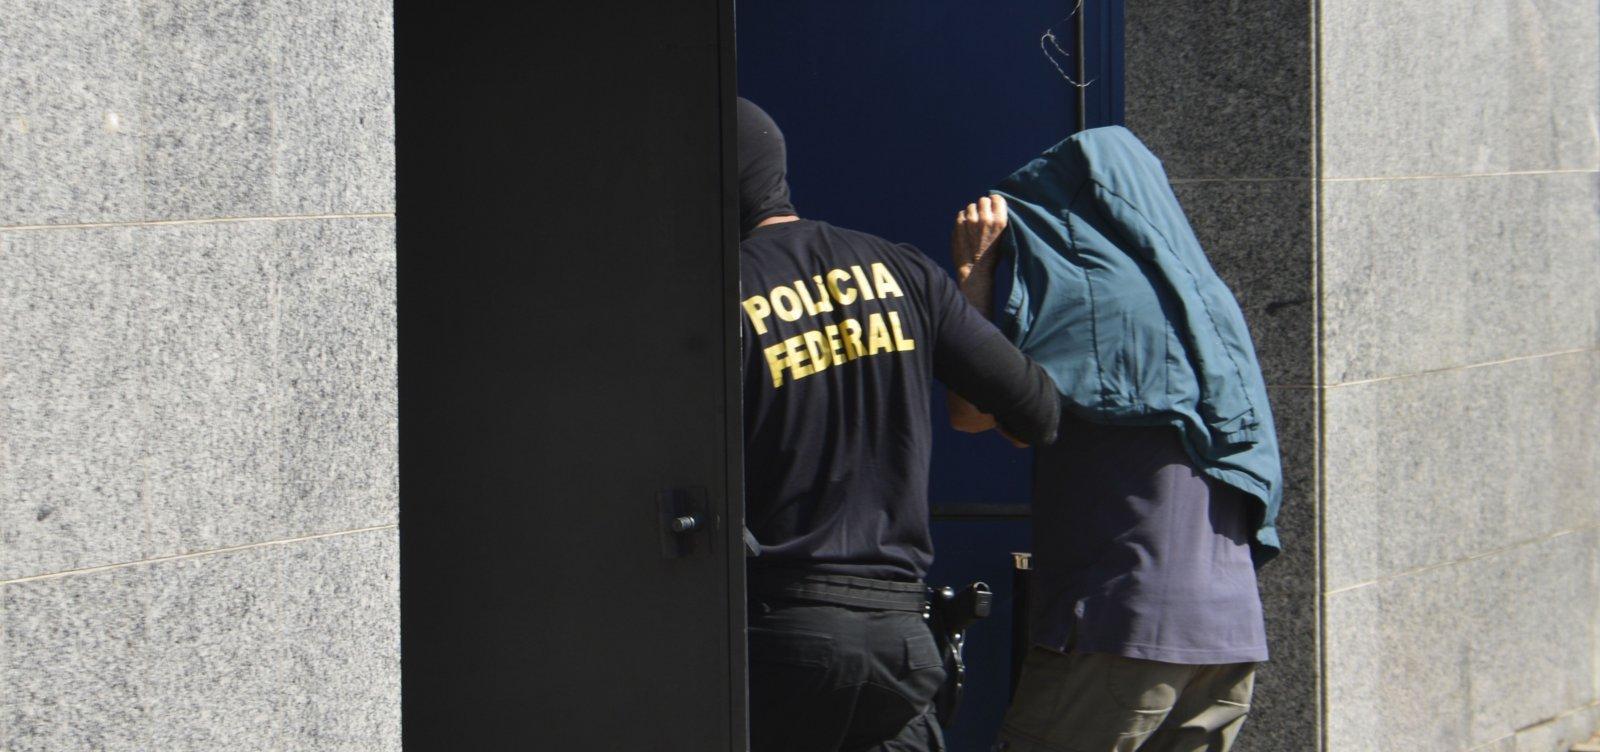 [Polícia Federal deflagra operação contra pornografia infantil]